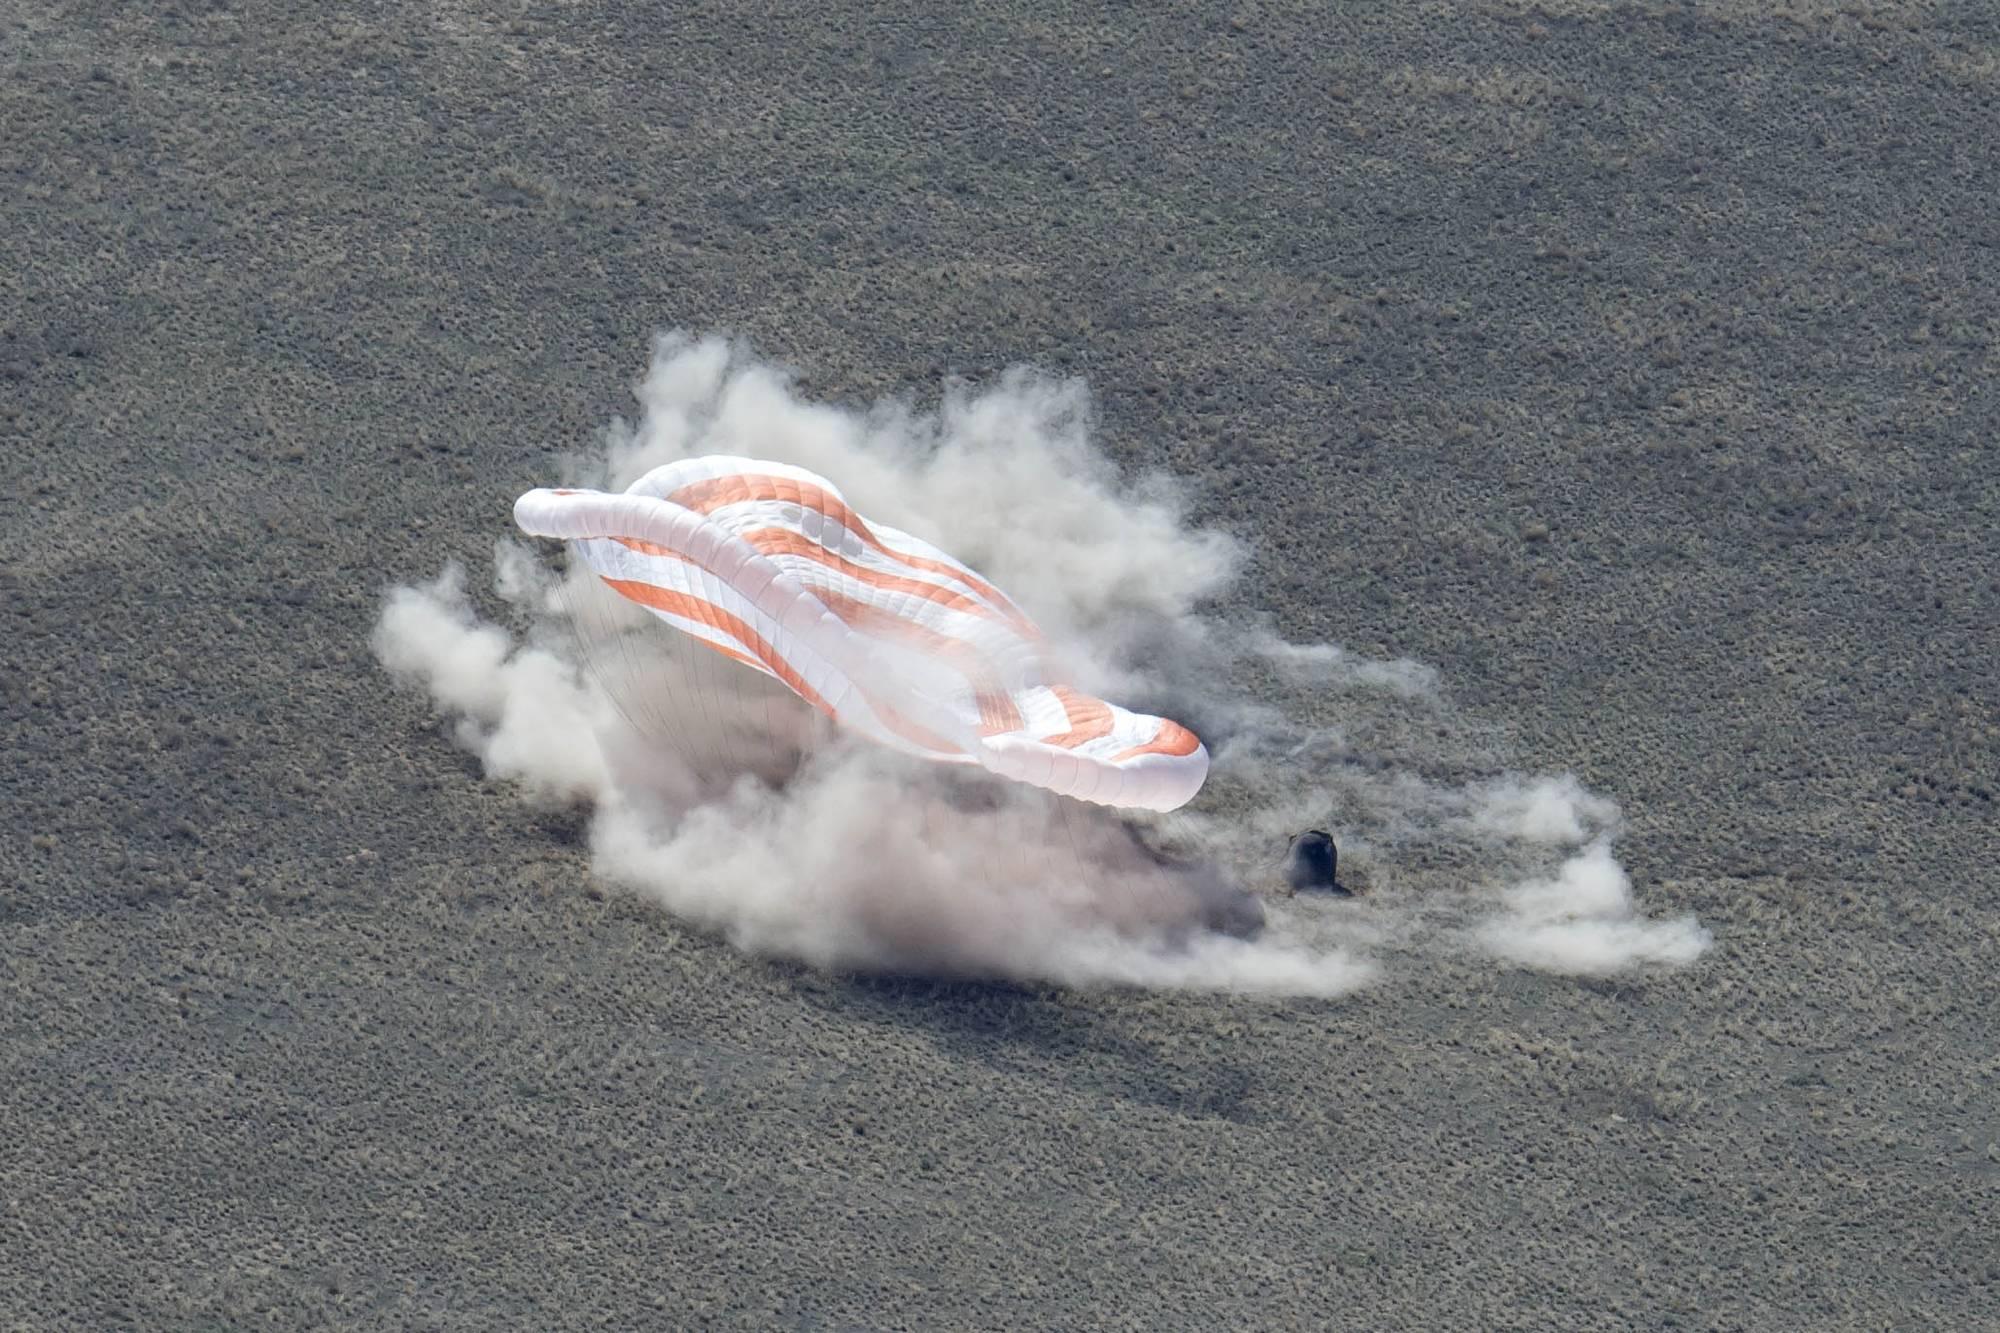 Le parachute se dégonfle dans la fumée et la poussière provoquées par les rétro-fusées de la capsule qui s'est posée debout.